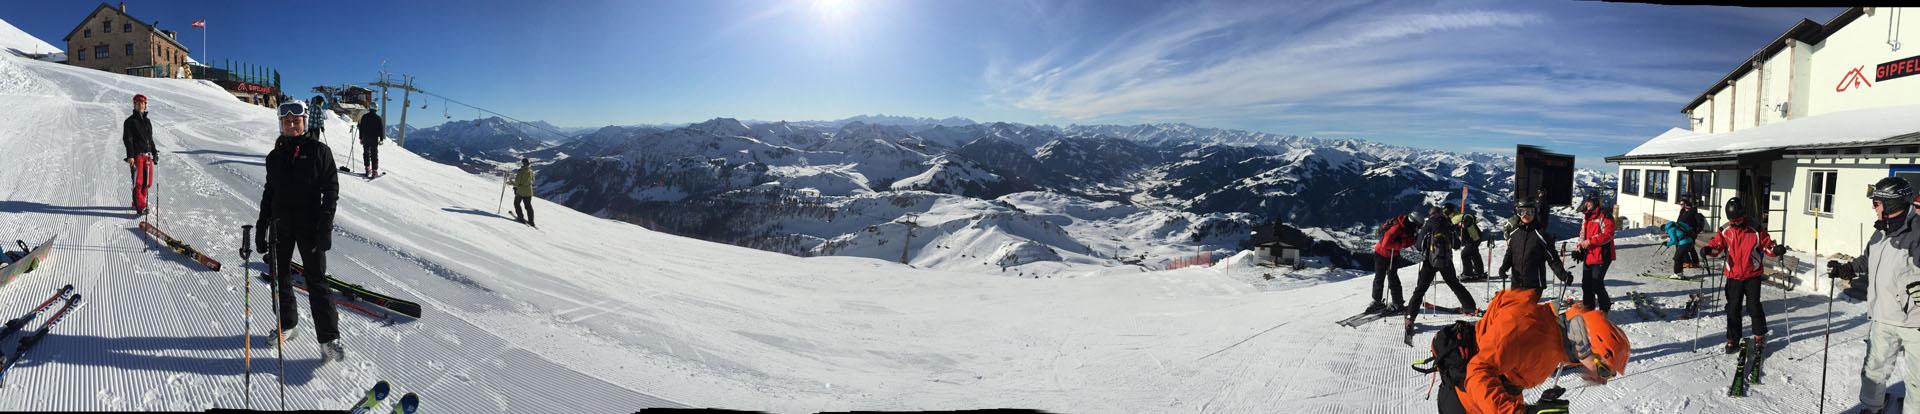 Na vrcholu Kitzbüheler Hornu – vlevo sedačka, vpravo horní stanice kabinové lanovky